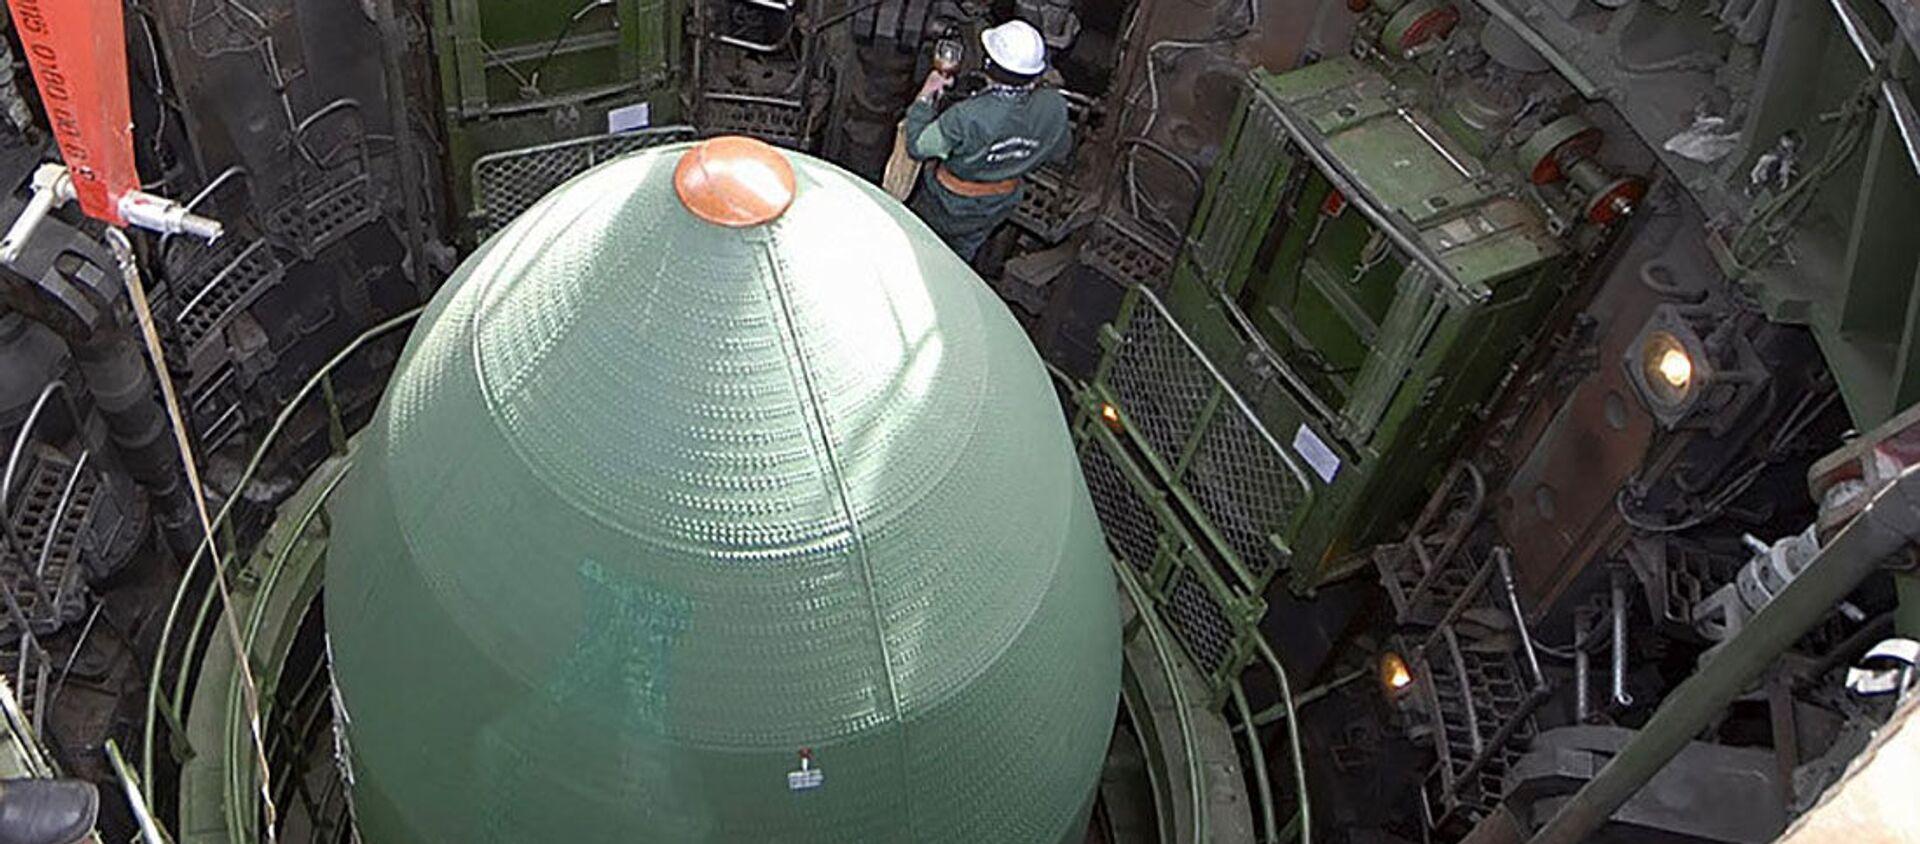 Przygotowanie do startu rakiety - Sputnik Polska, 1920, 10.01.2021